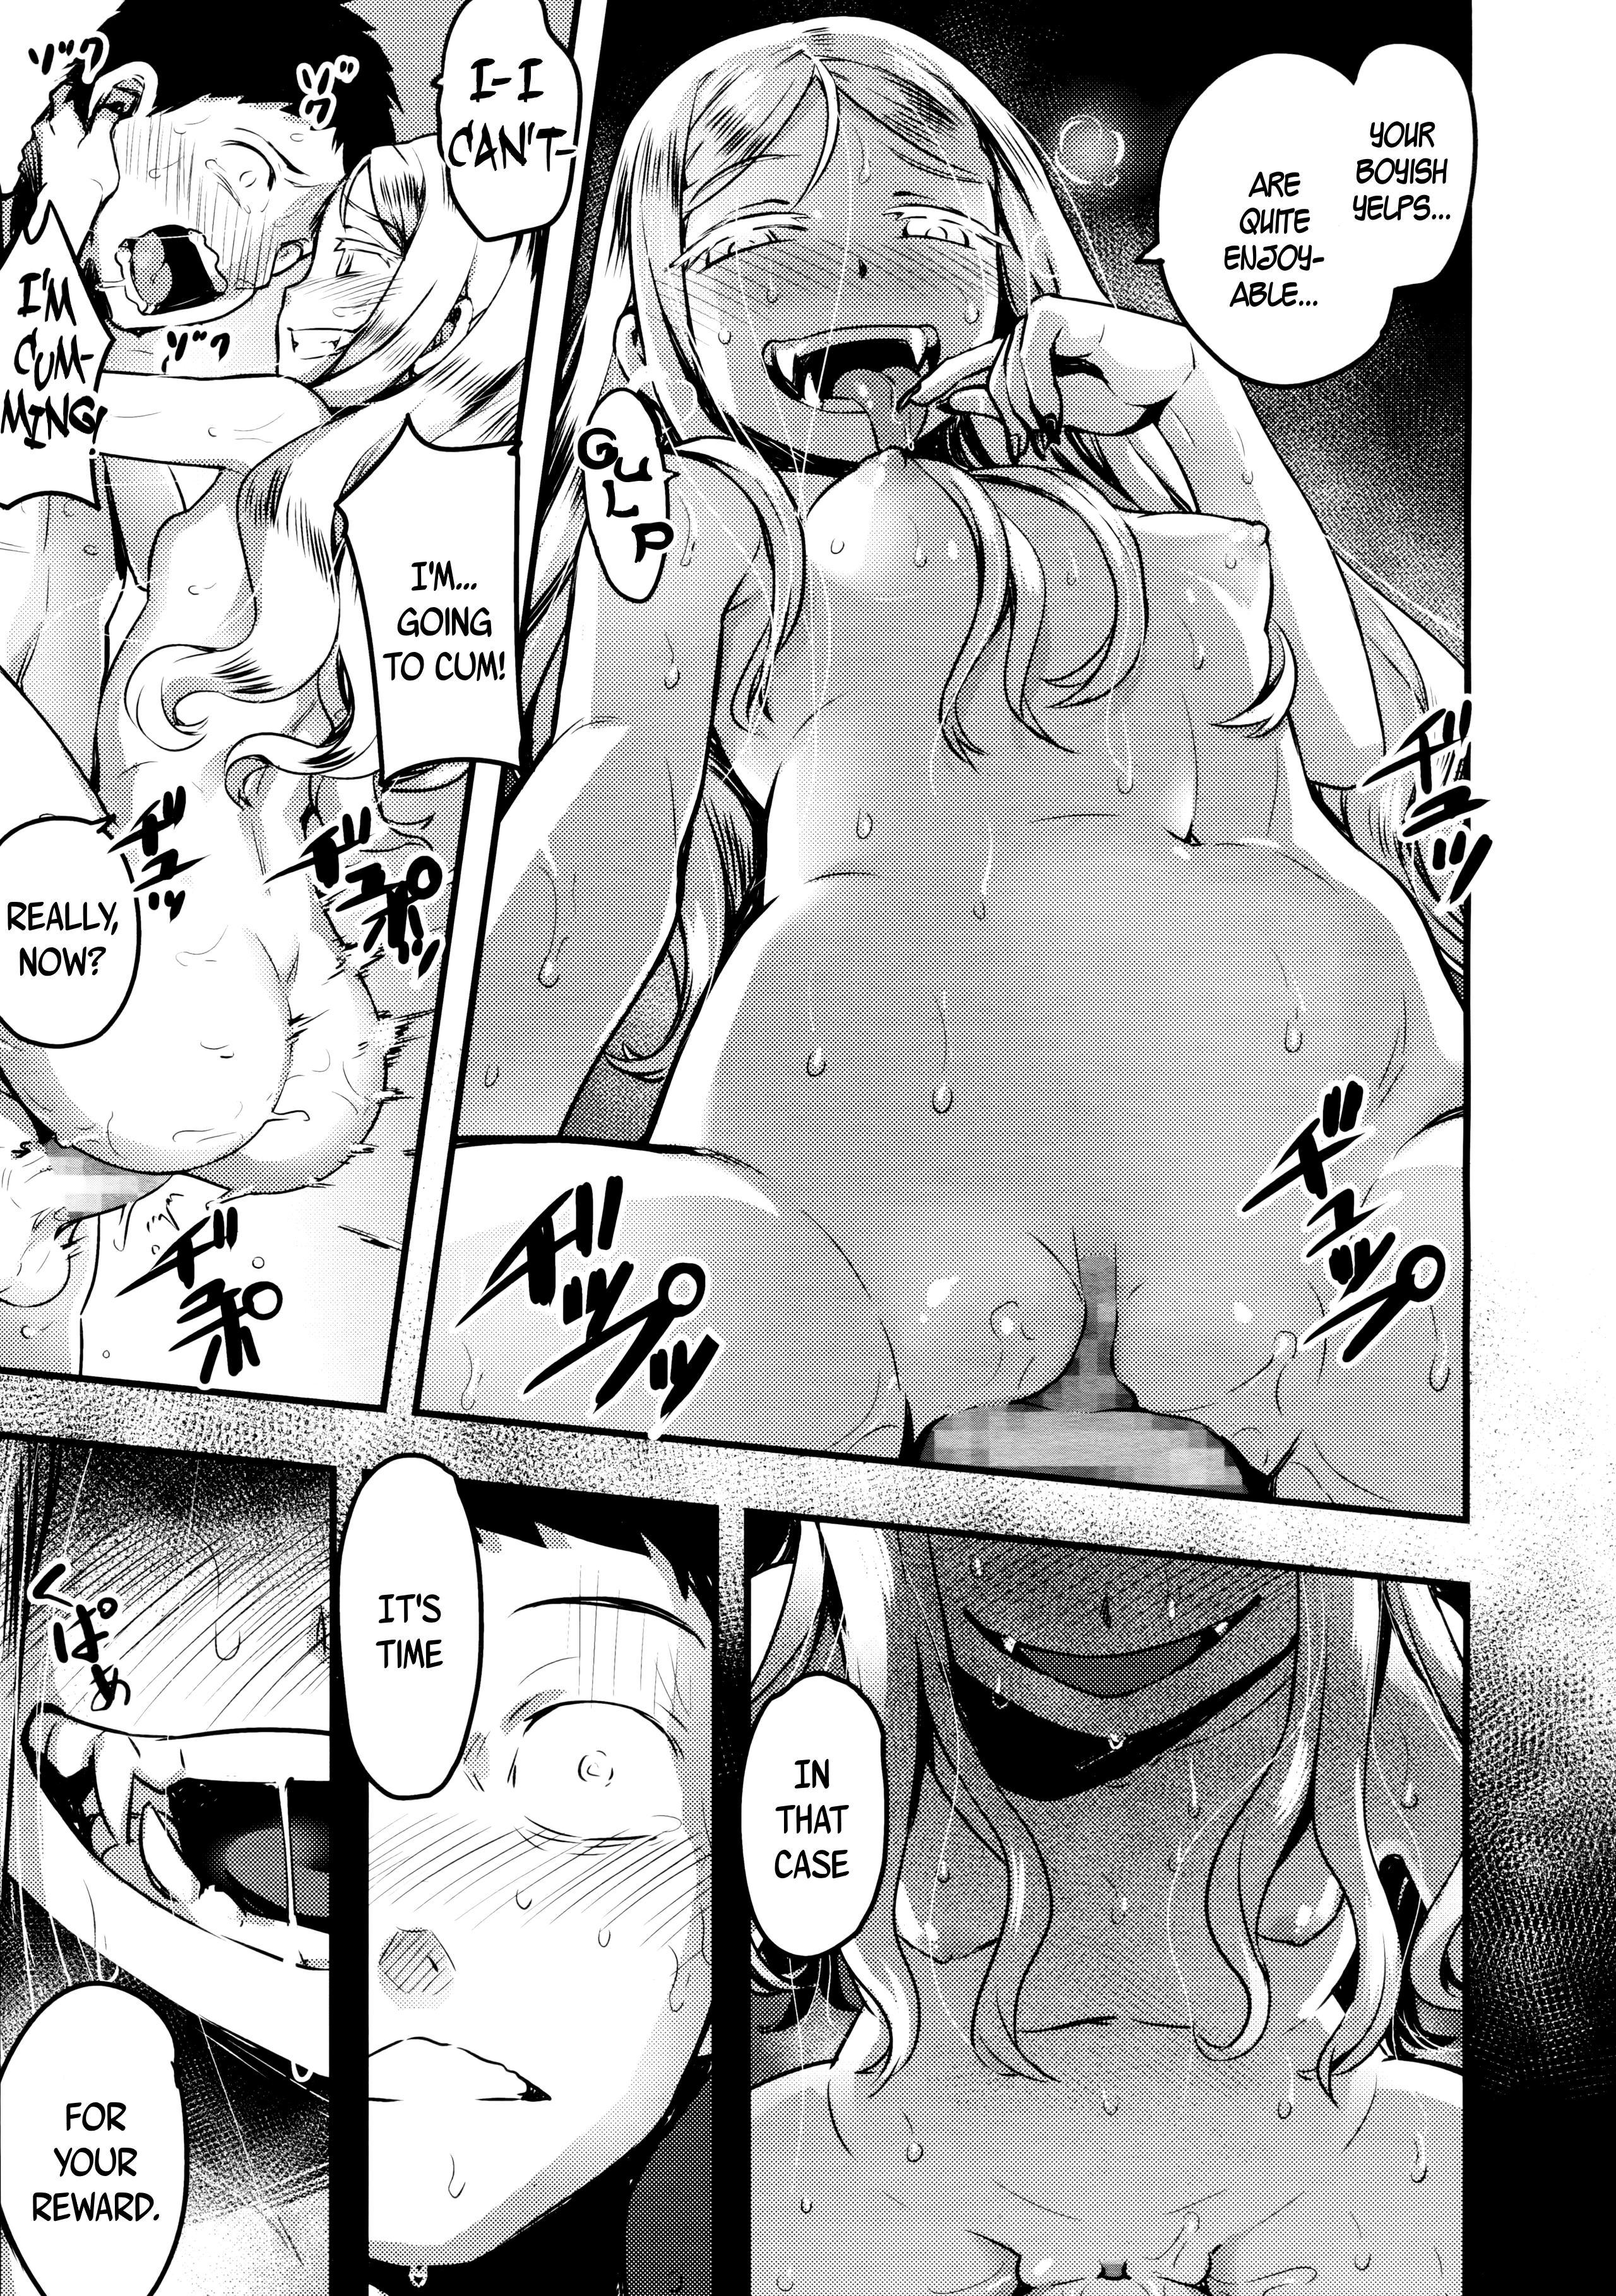 Yupiel-sama no Geboku | Lady Yupiel's Servant 34